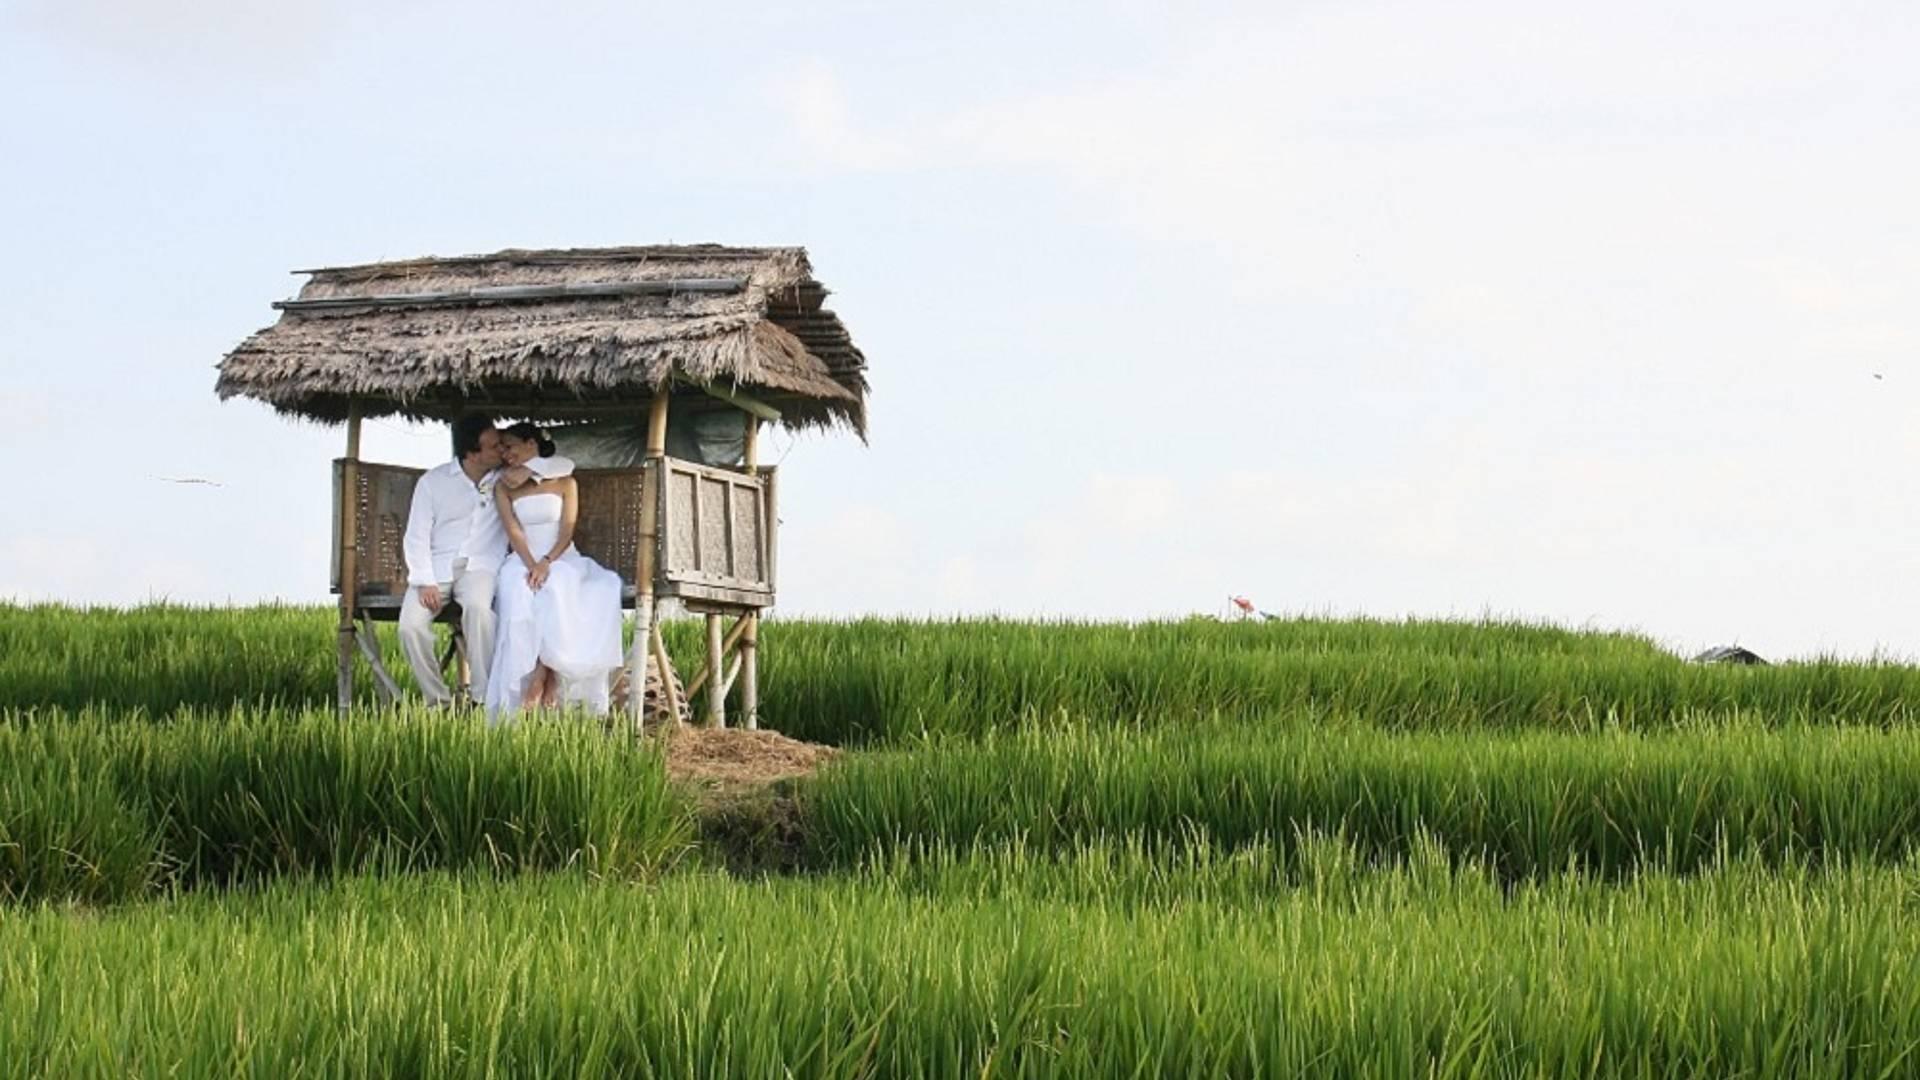 Villas privées et cocons douillets - Voyage de noces de Bali à Lombok